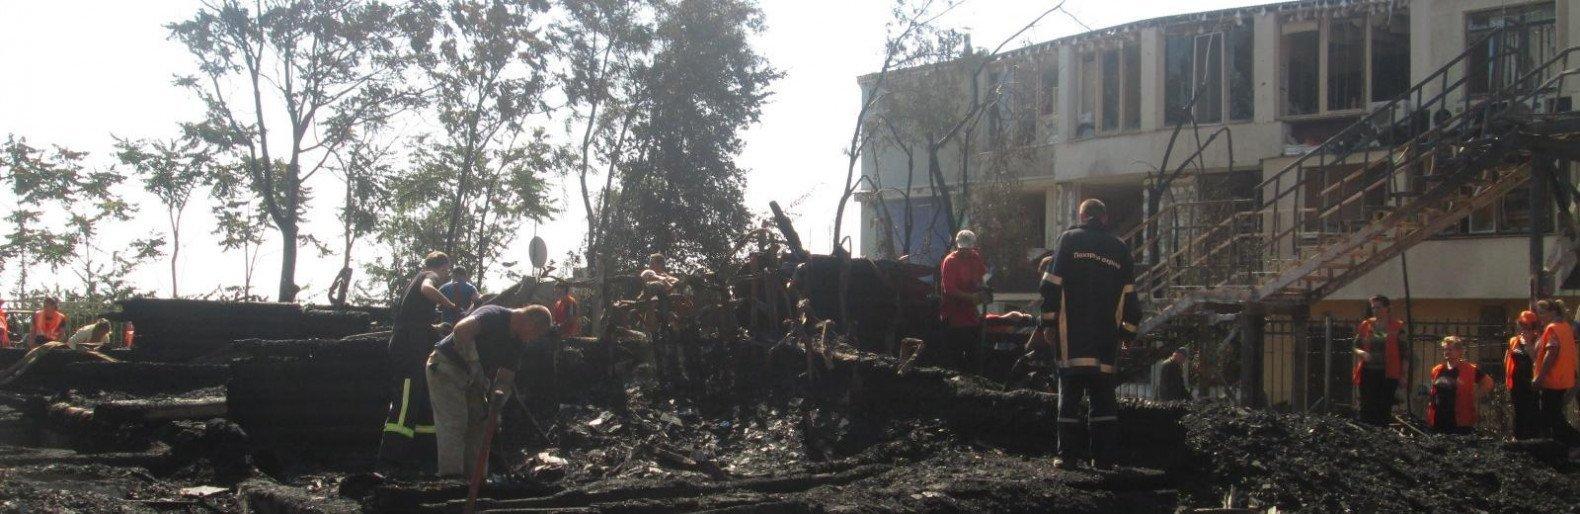 """На пепелище лагеря """"Виктория"""" нашли еще один кипятильник, - СМИ"""